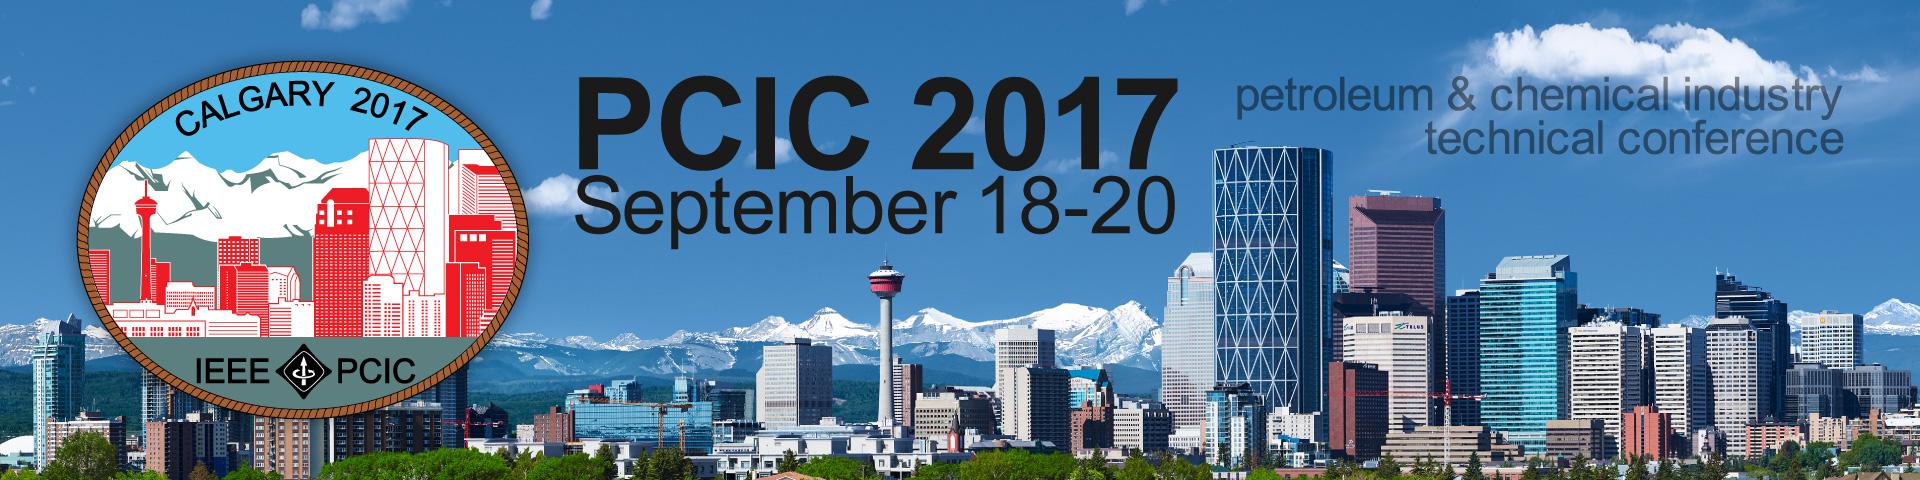 2017PCIC_EmailSignature04cc